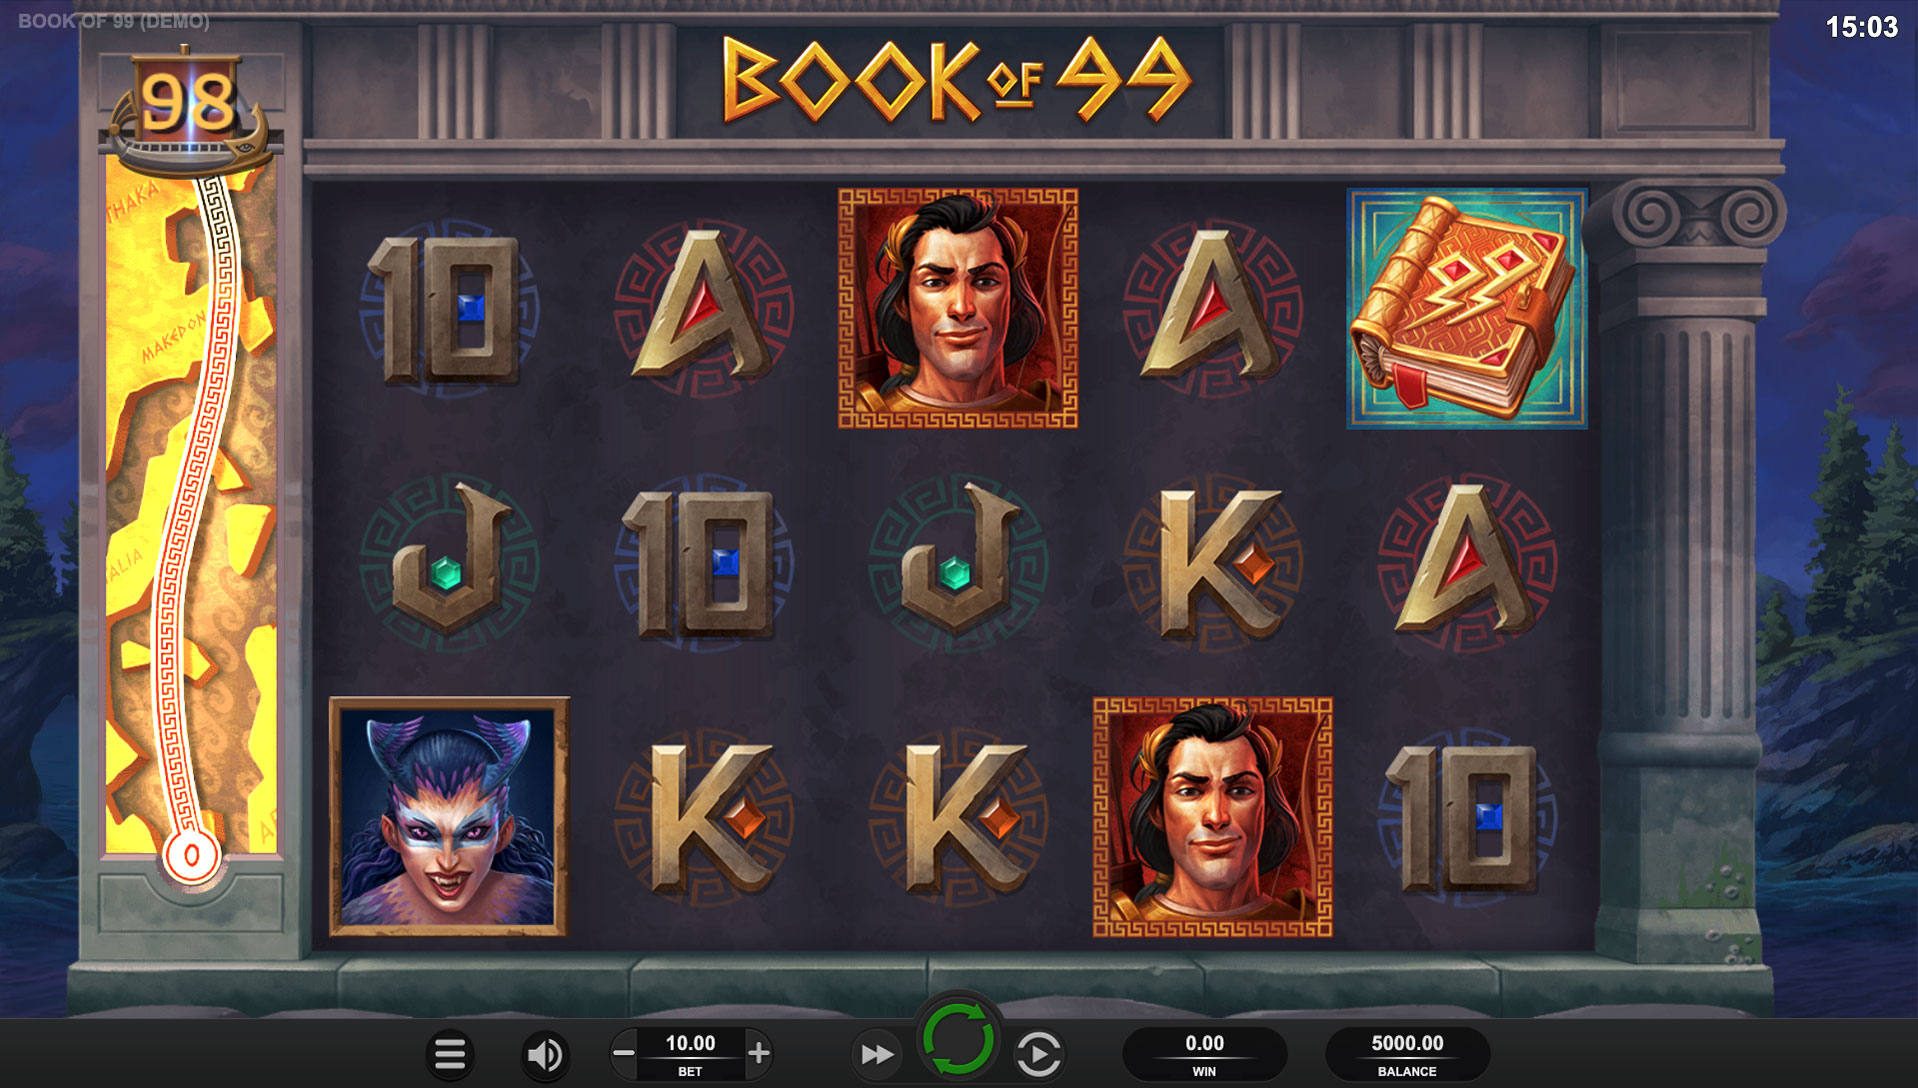 Book of 99 Screenshot